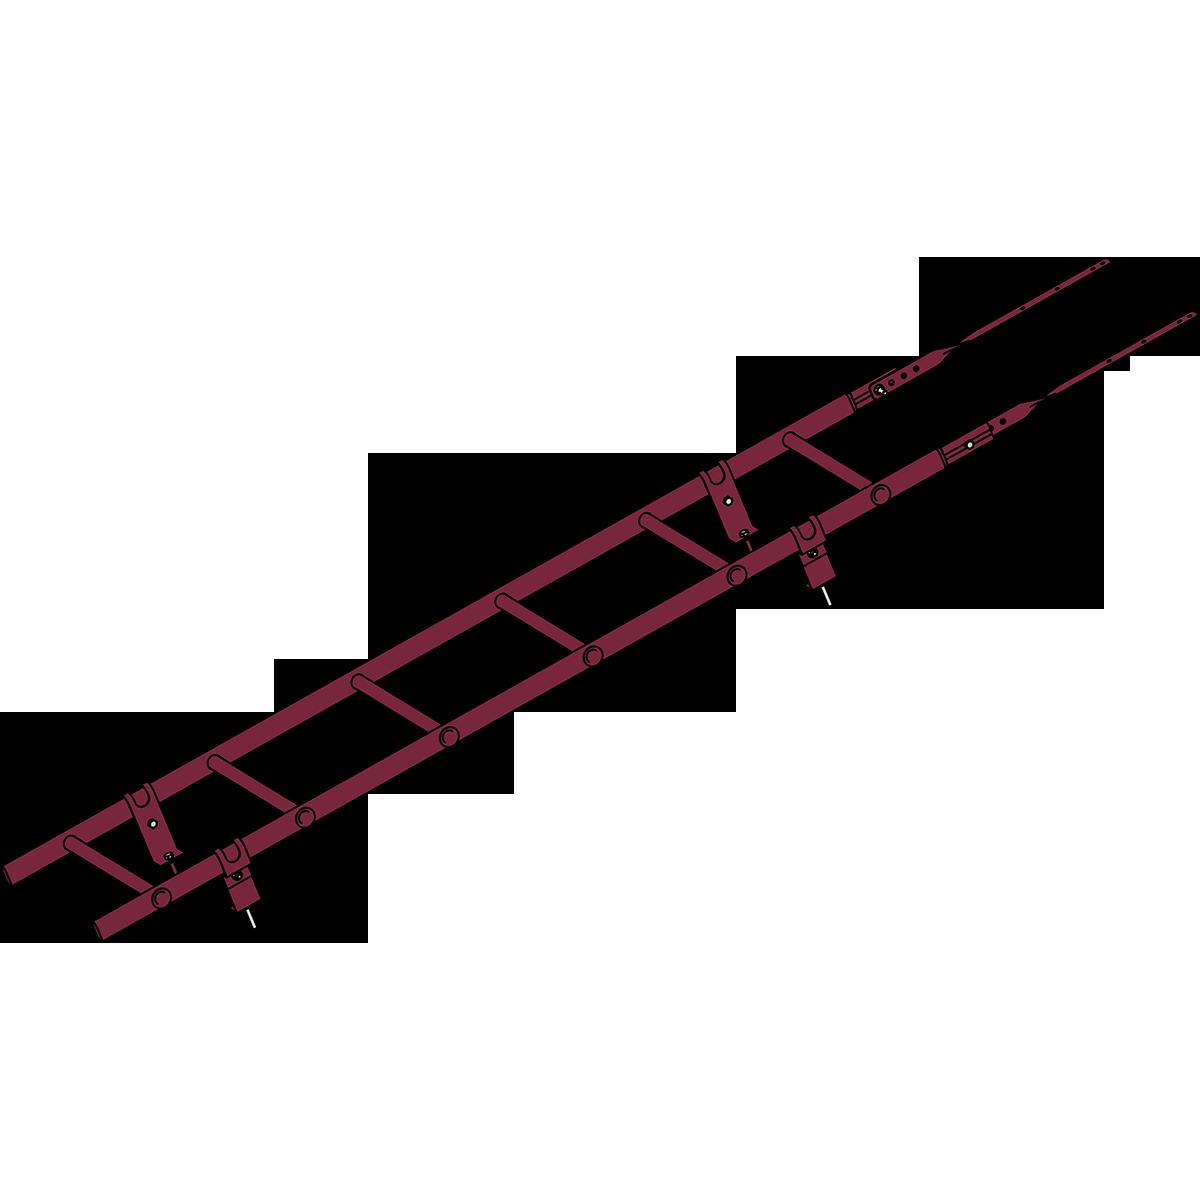 Лестница кровельная ROOFSYSTEMS PRESTIGE ZN 45х25 (овал) 400 унивеpсальная 1,2 м RAL 3005 Красное вино